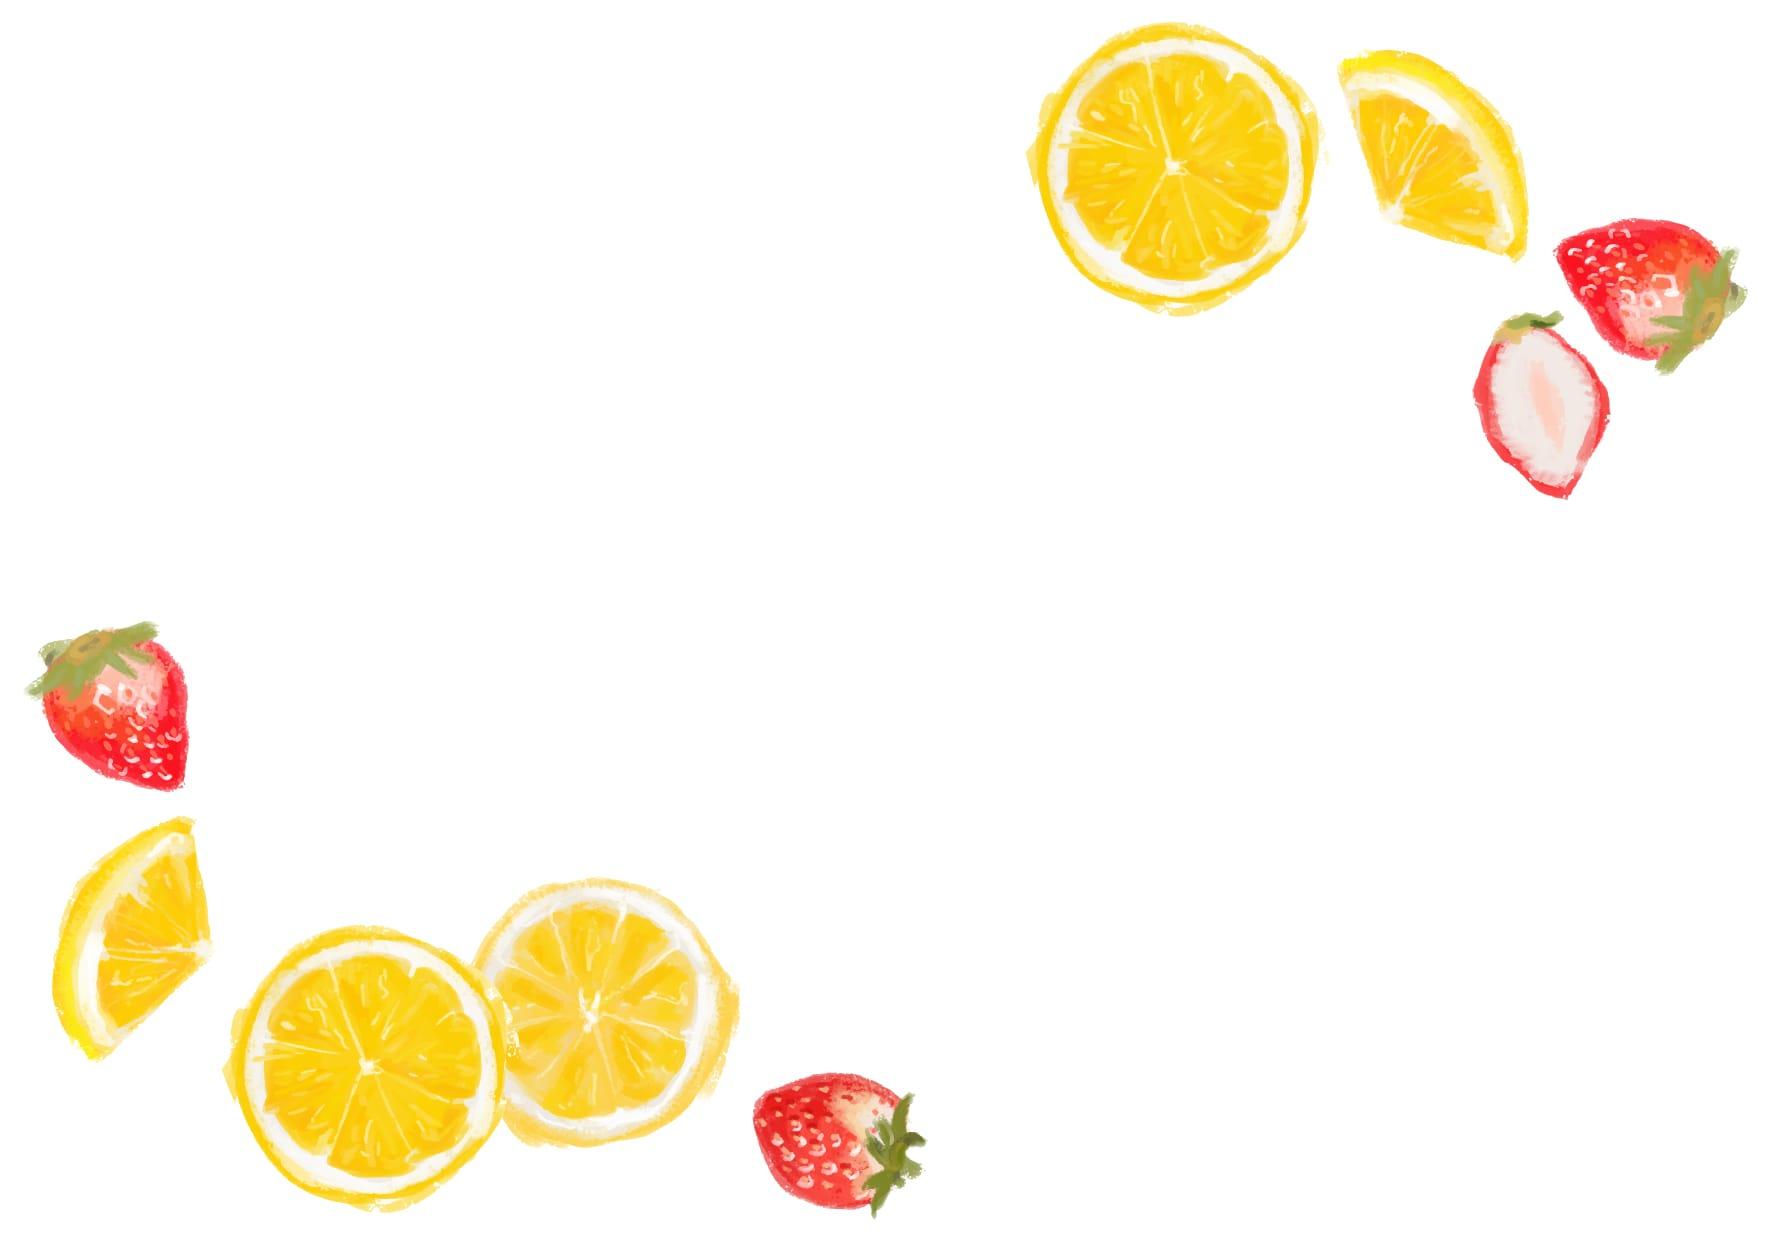 手書きイラスト無料|手書き いちご オレンジ 背景